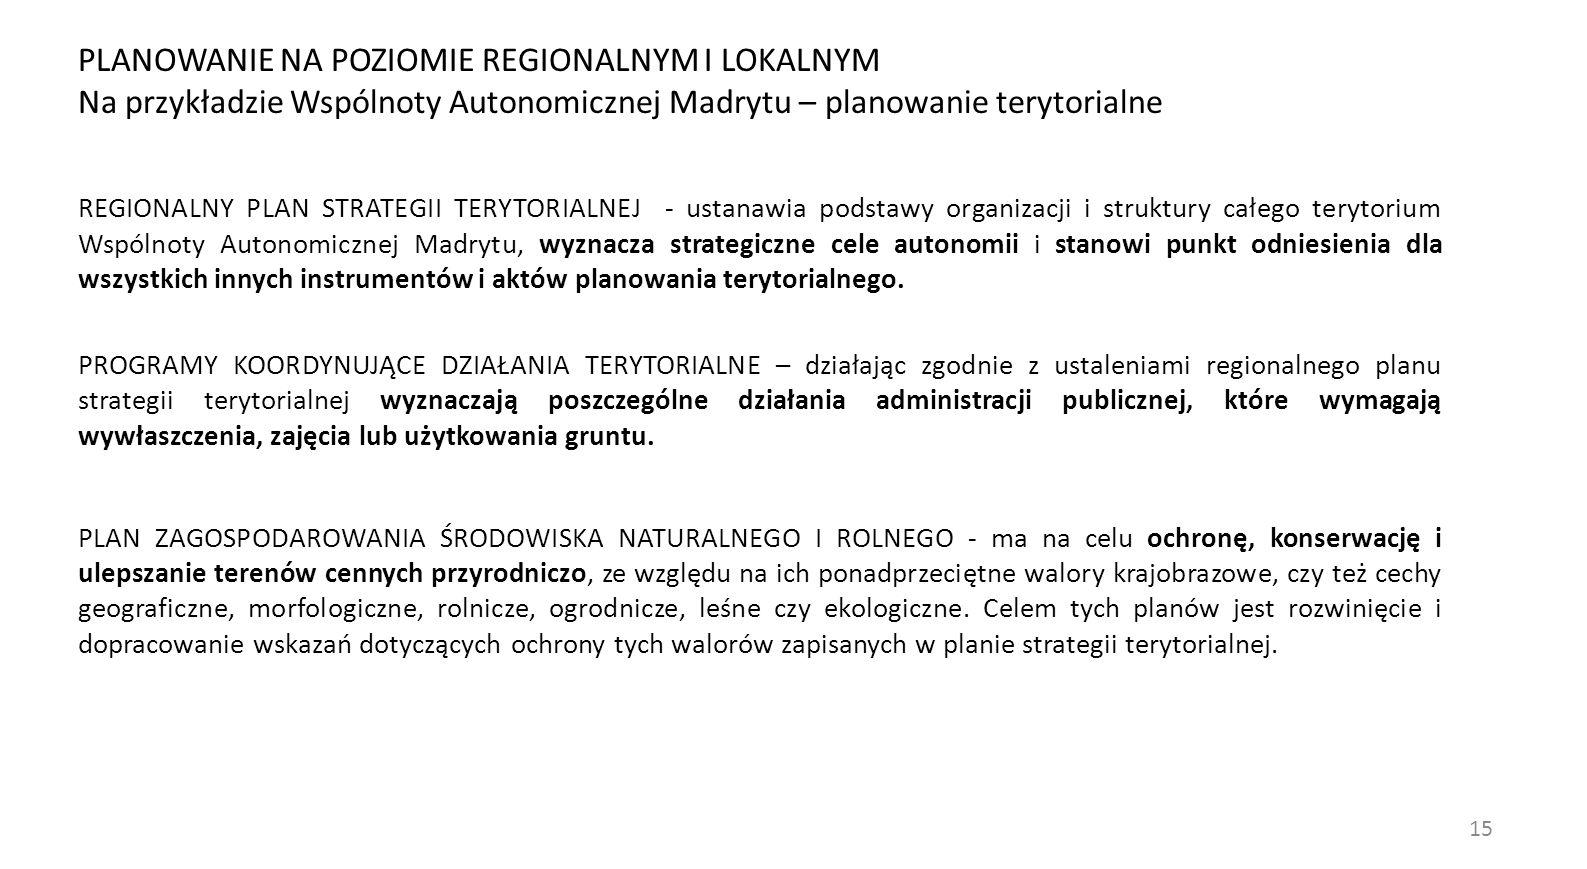 15 REGIONALNY PLAN STRATEGII TERYTORIALNEJ - ustanawia podstawy organizacji i struktury całego terytorium Wspólnoty Autonomicznej Madrytu, wyznacza strategiczne cele autonomii i stanowi punkt odniesienia dla wszystkich innych instrumentów i aktów planowania terytorialnego.